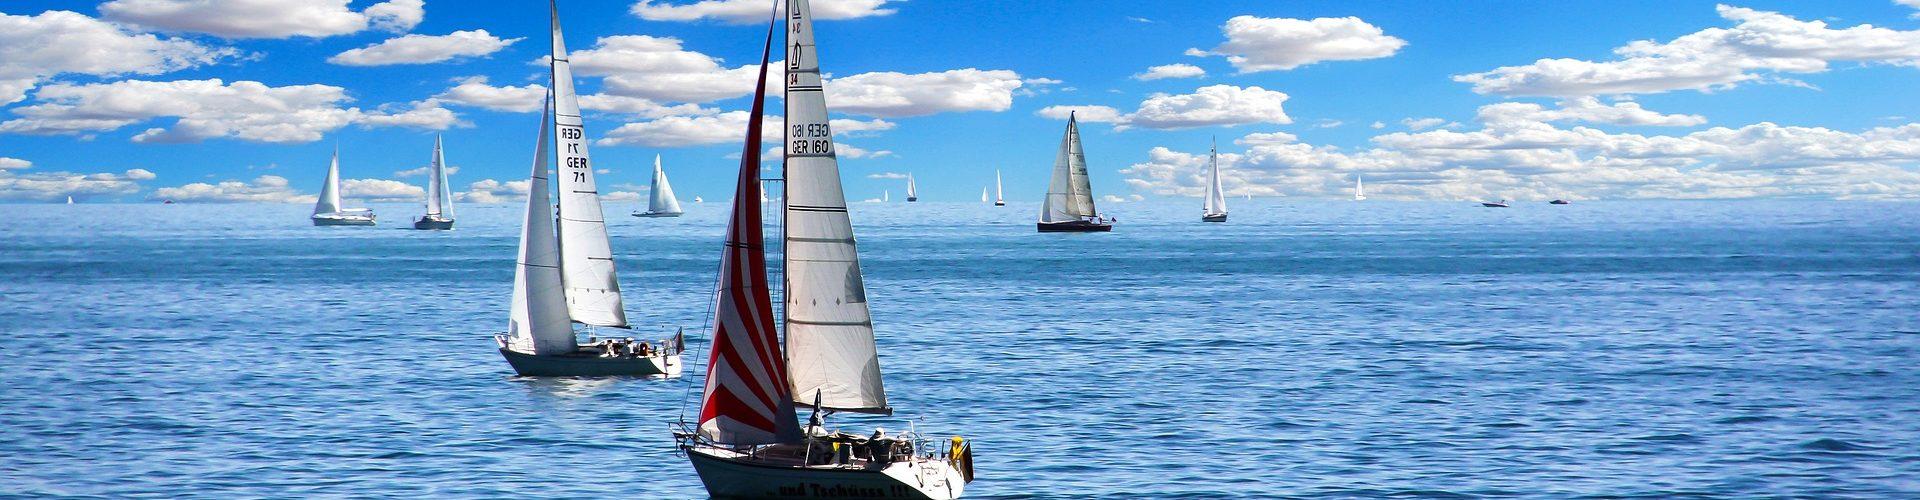 segeln lernen in Monheim am Rhein segelschein machen in Monheim am Rhein 1920x500 - Segeln lernen in Monheim am Rhein